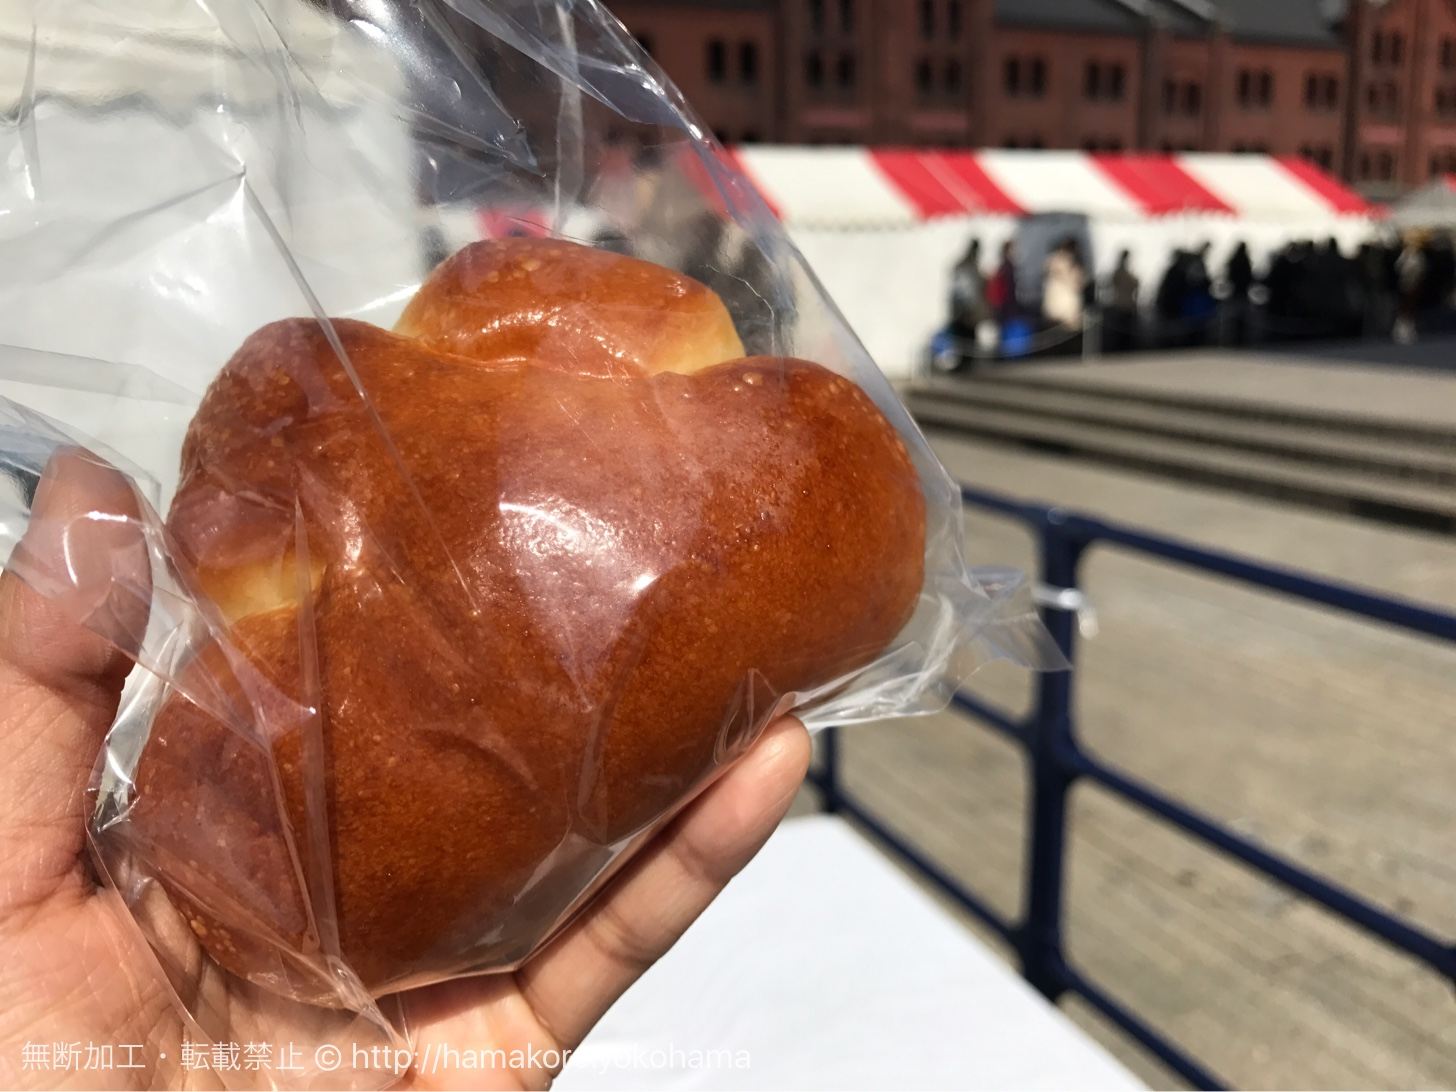 石窯パン ふじみのクリームパン